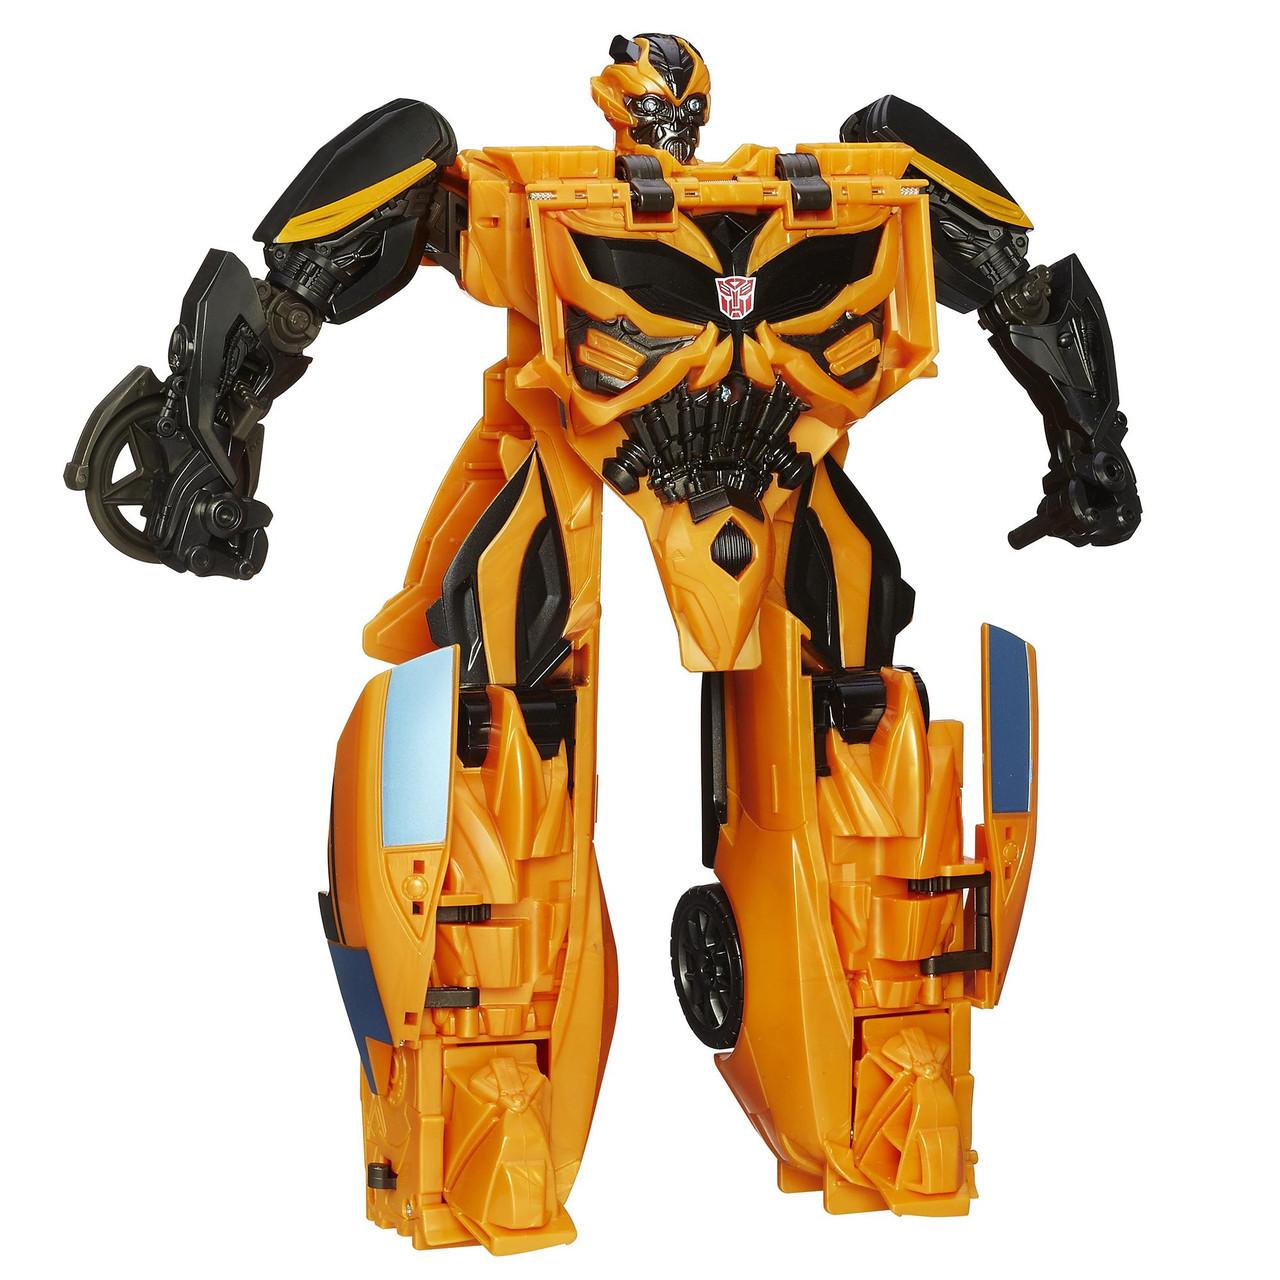 Большая игрушка Бамблби - Bumblebee, TF4, 1-Step Mega, Hasbro., фото 1